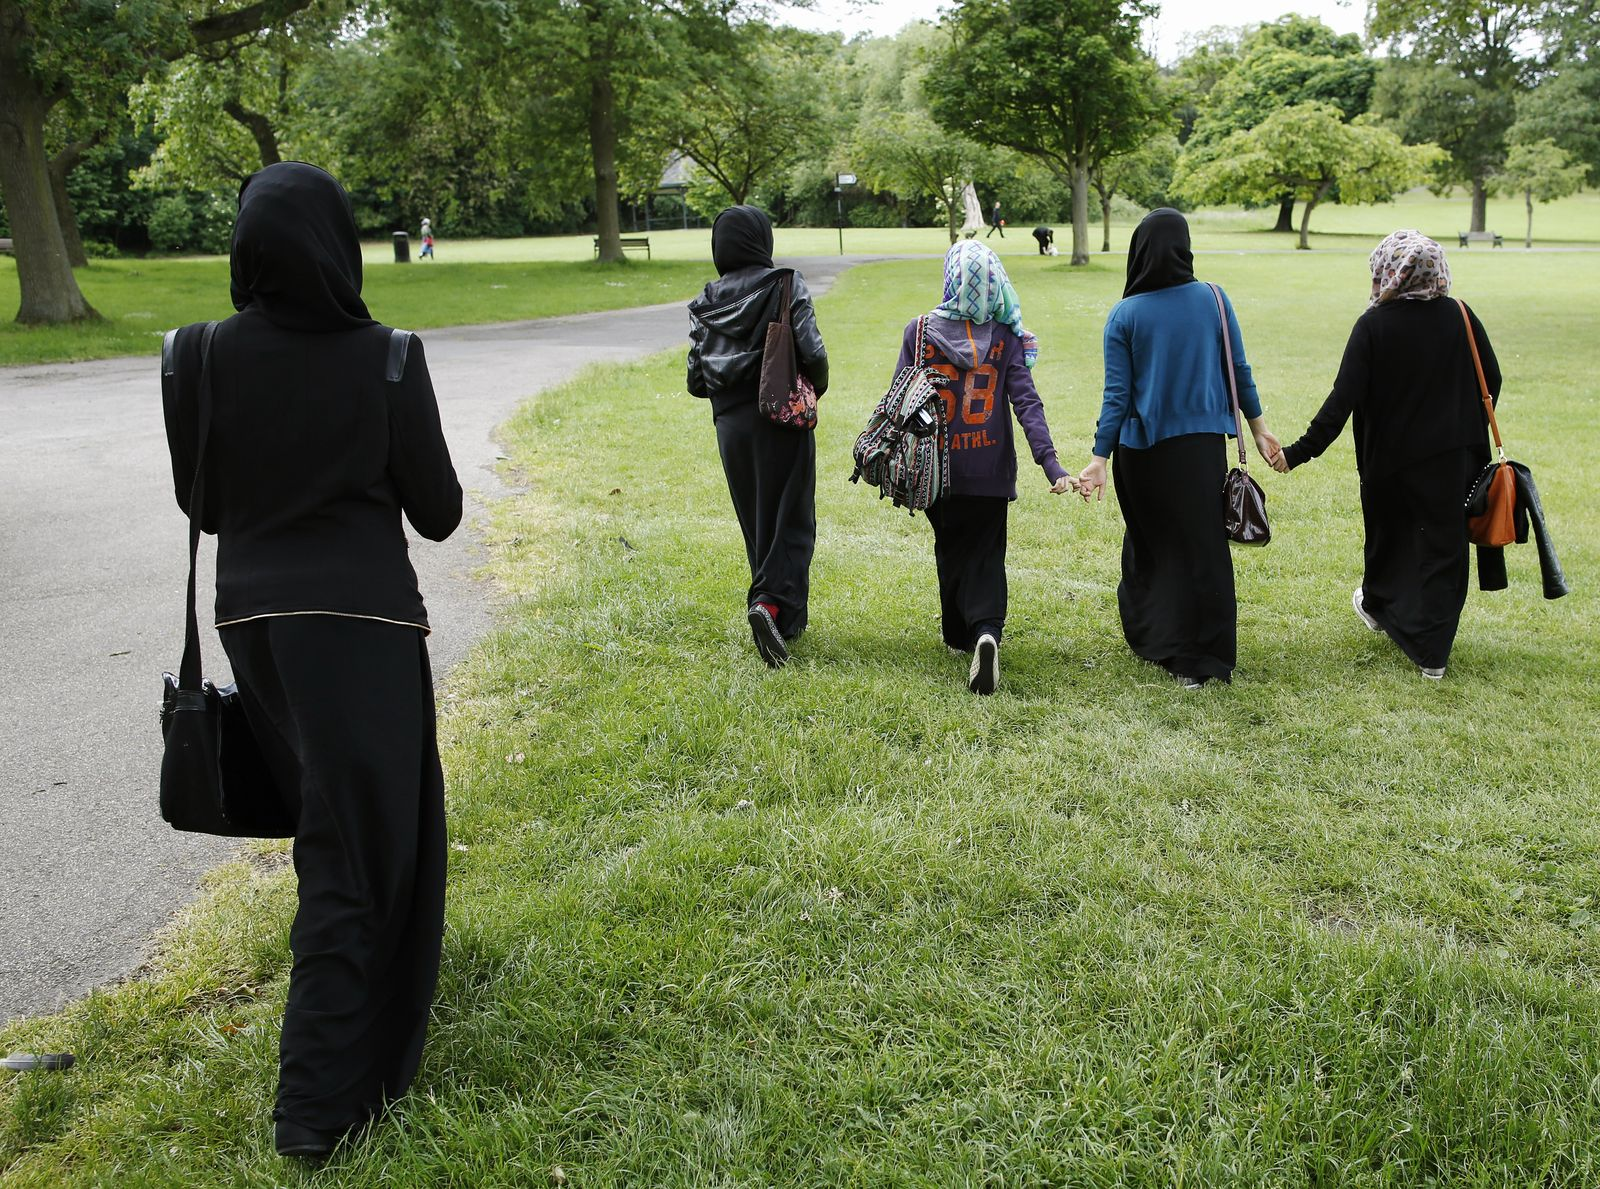 Foto: Varias jóvenes británicas caminan por un parque en Hackney, en el Este de Londres, en una imagen de junio de 2013 (Reuters)